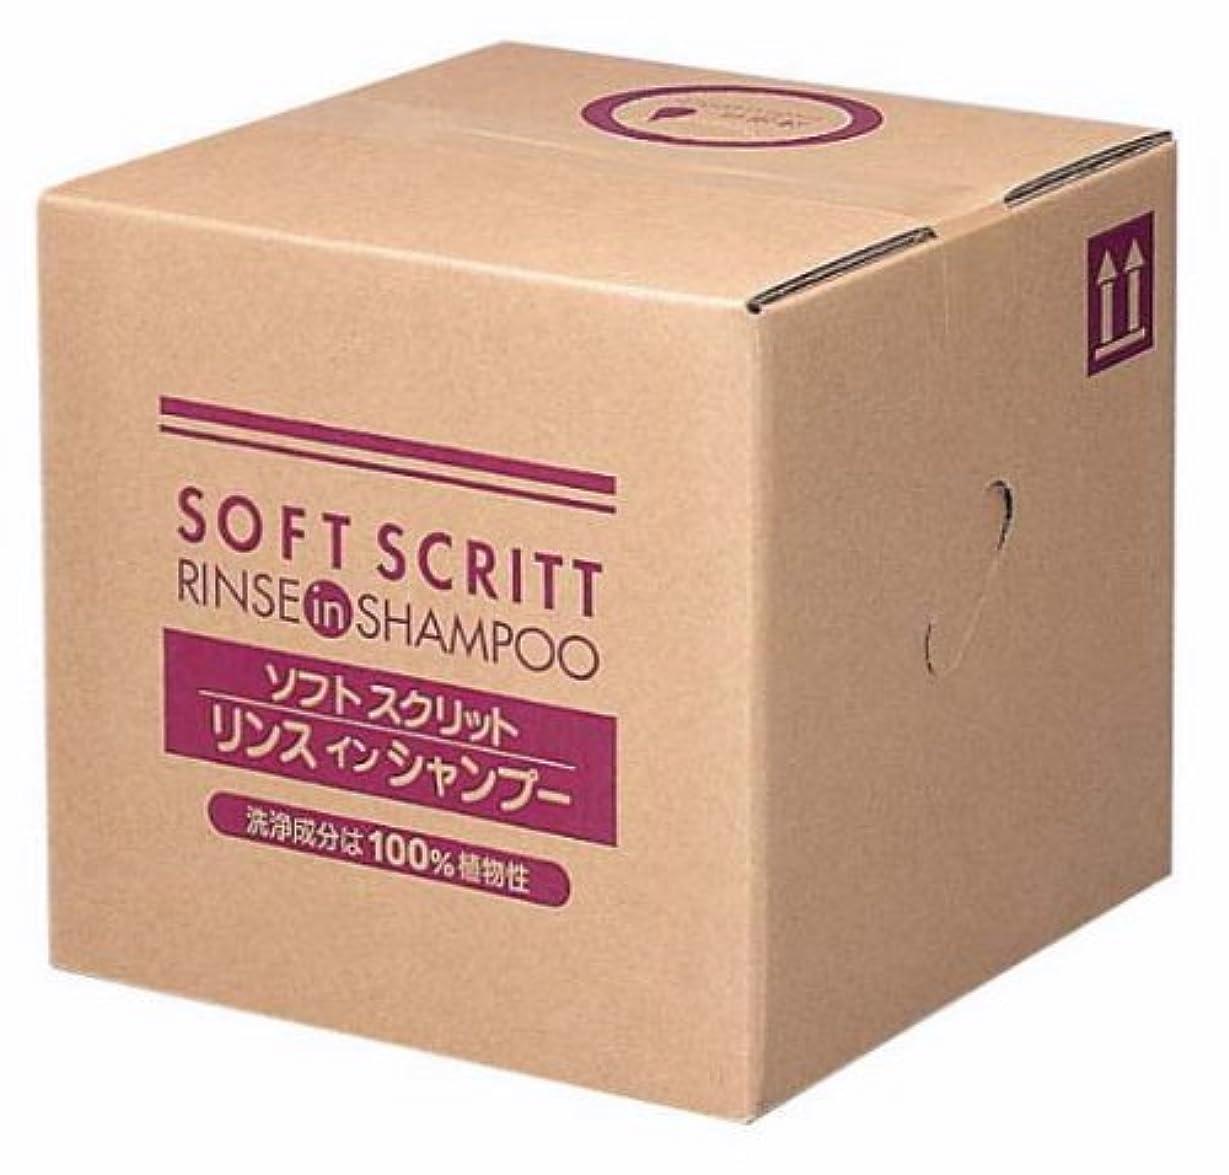 名誉ある適応ジュース熊野油脂 業務用 SOFT SCRITT(ソフト スクリット) リンスインシャンプー 18L